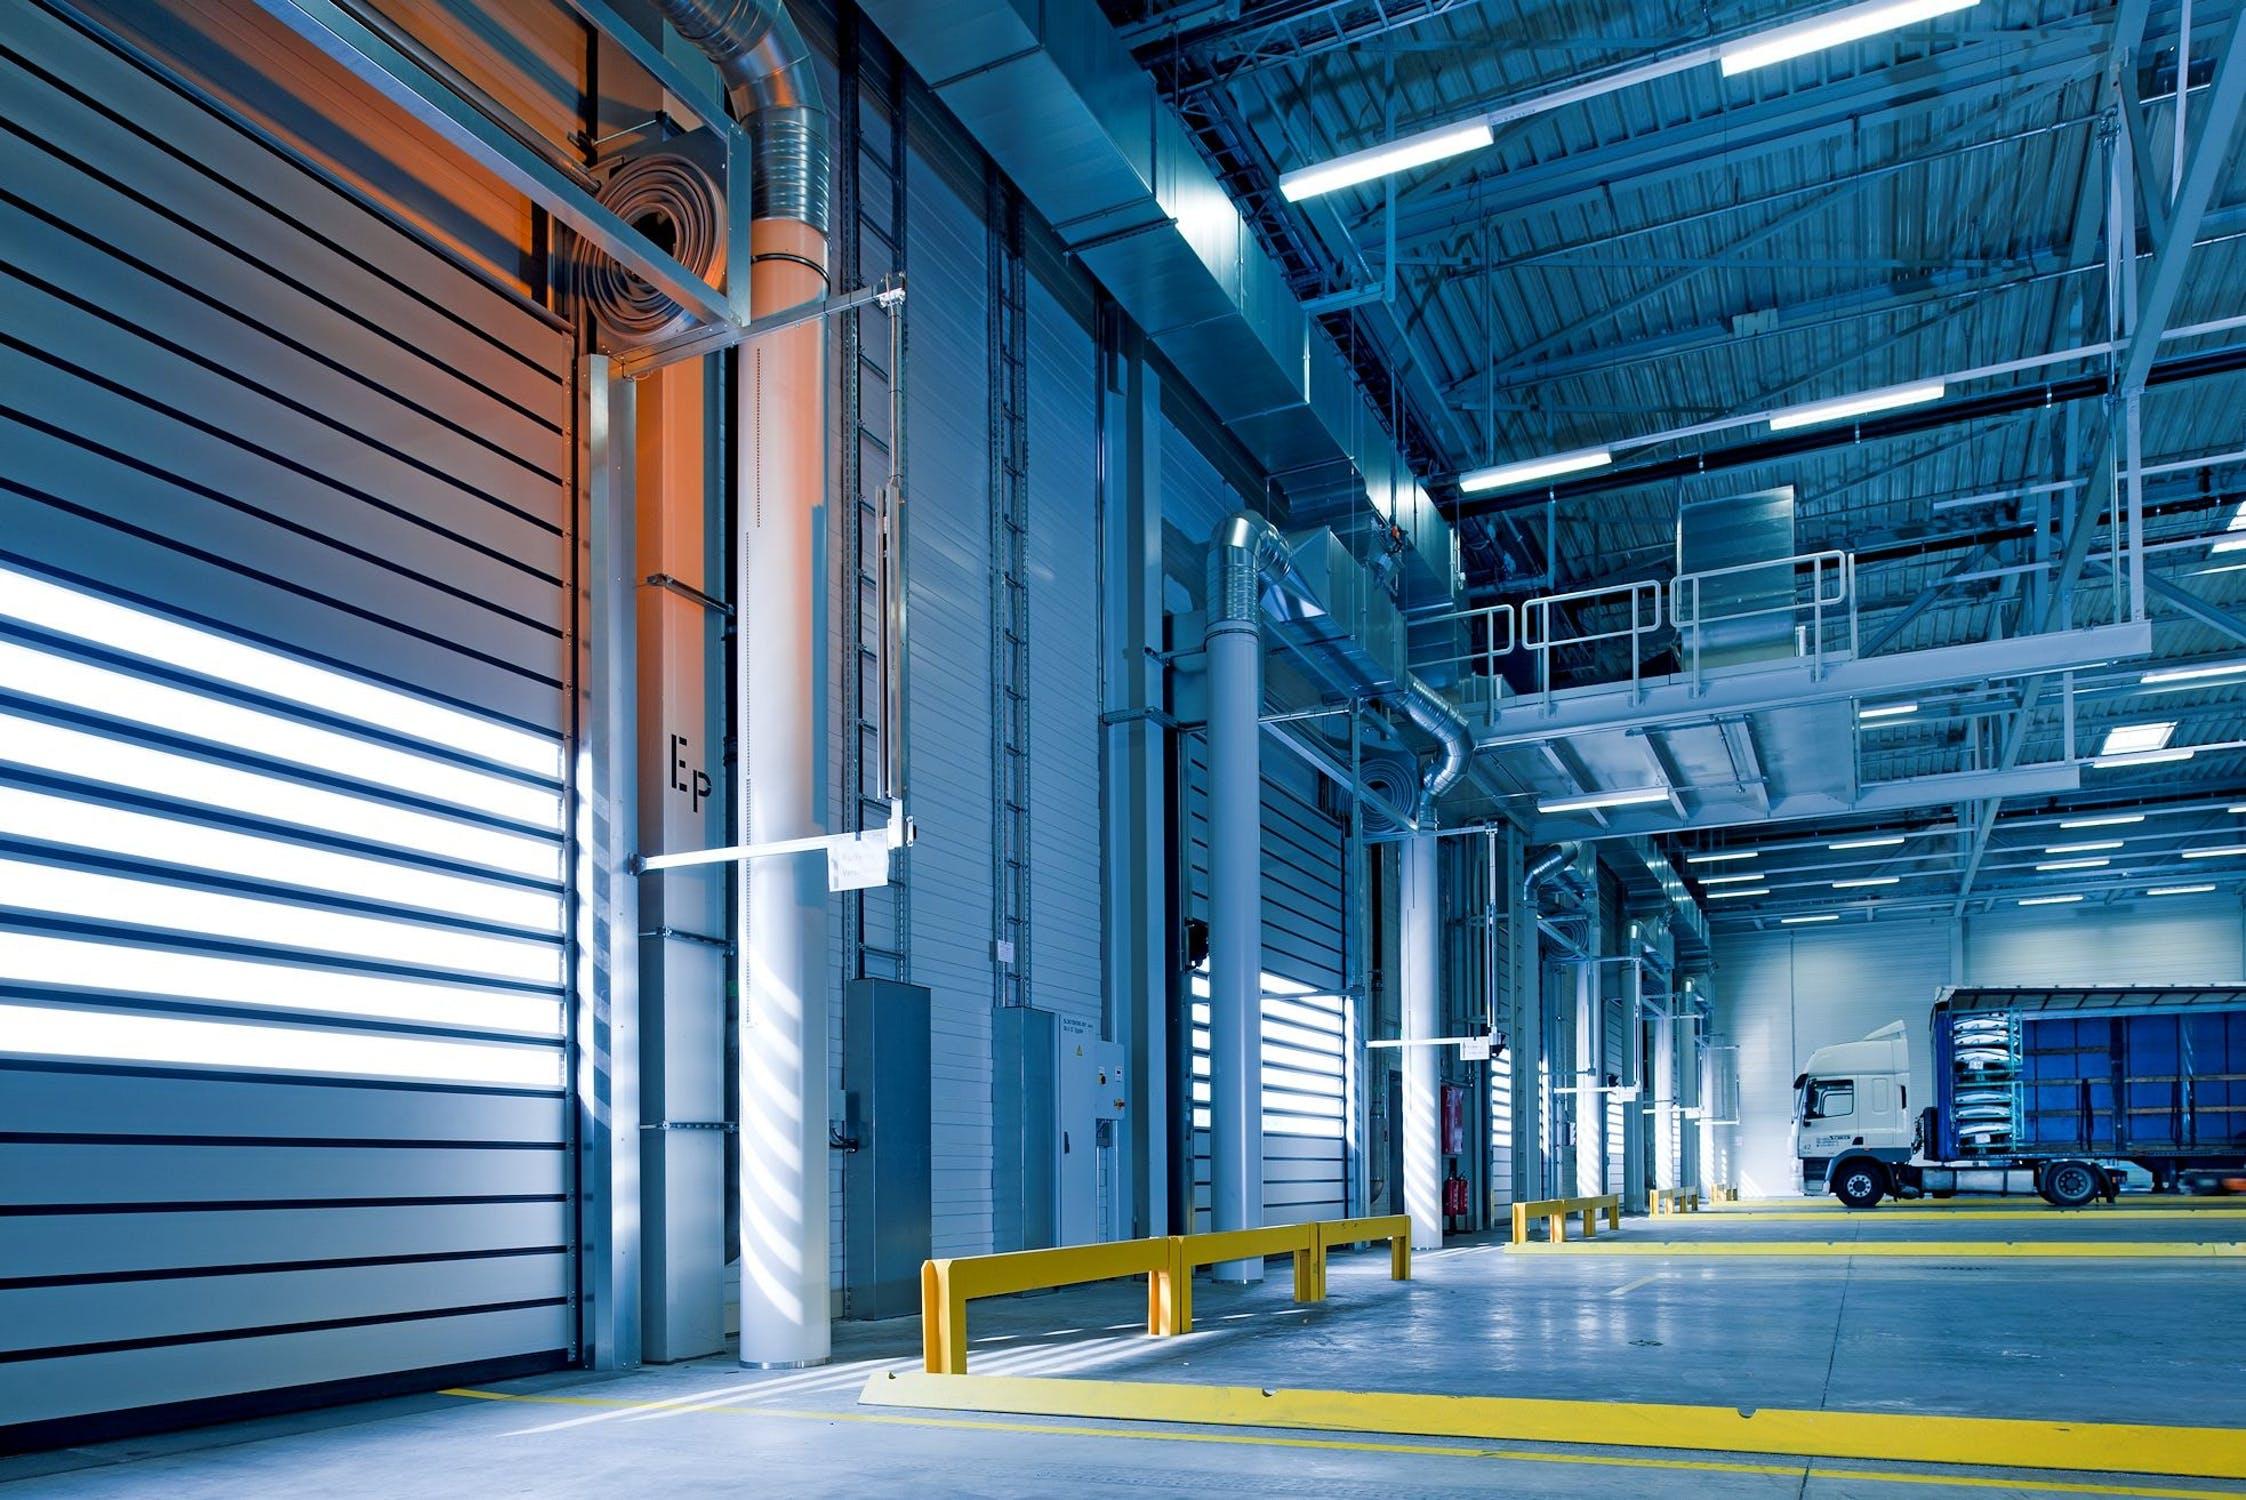 Vendita installazione umidificatori d'aria Bologna e provincia